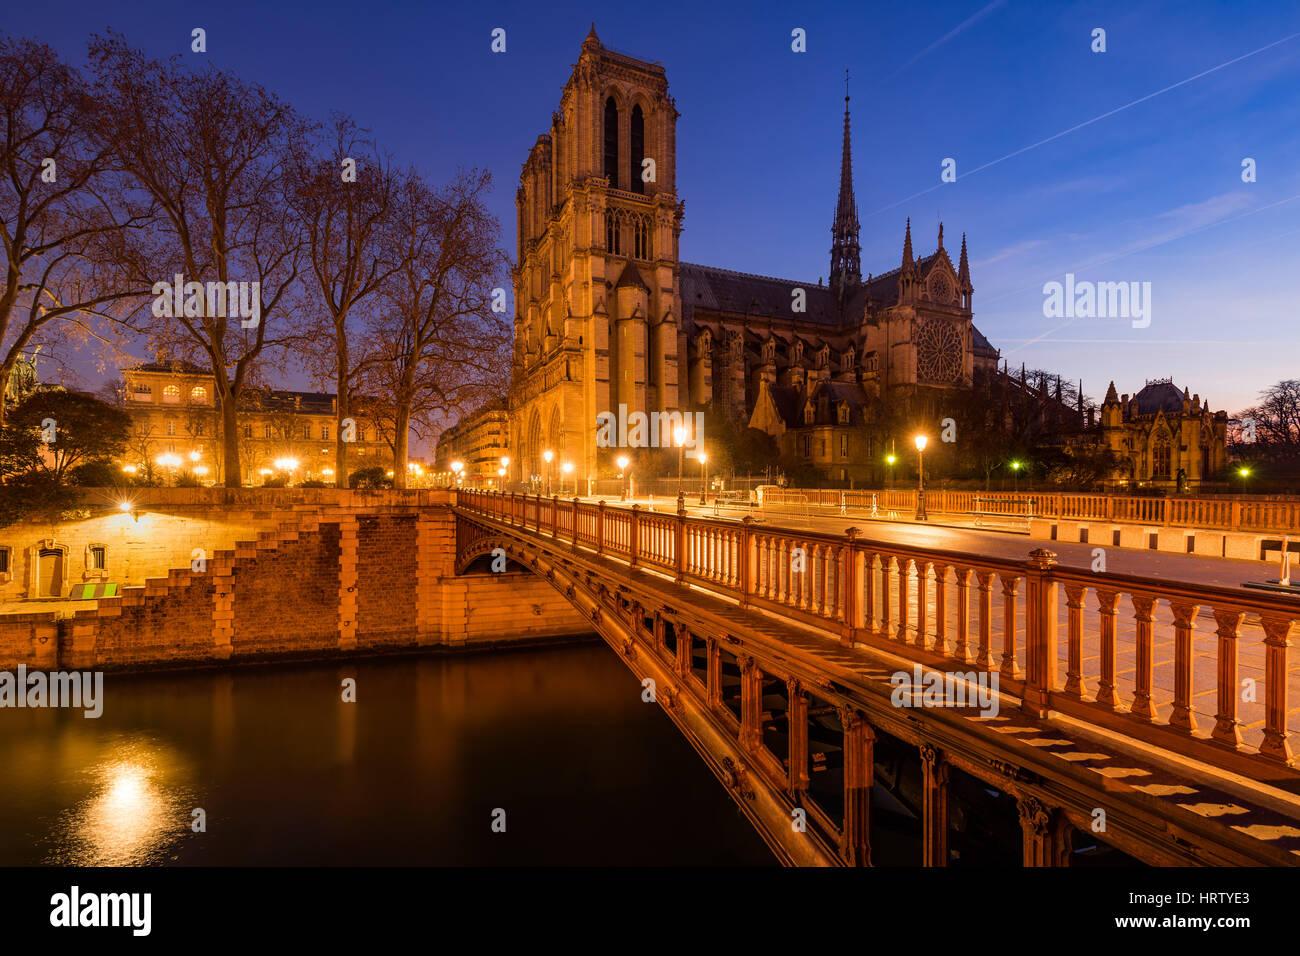 Catedral de Notre Dame al amanecer con el Pont au Double y el río Sena. Ile de La Cite. 4Th Arrondissement, París, Francia Foto de stock